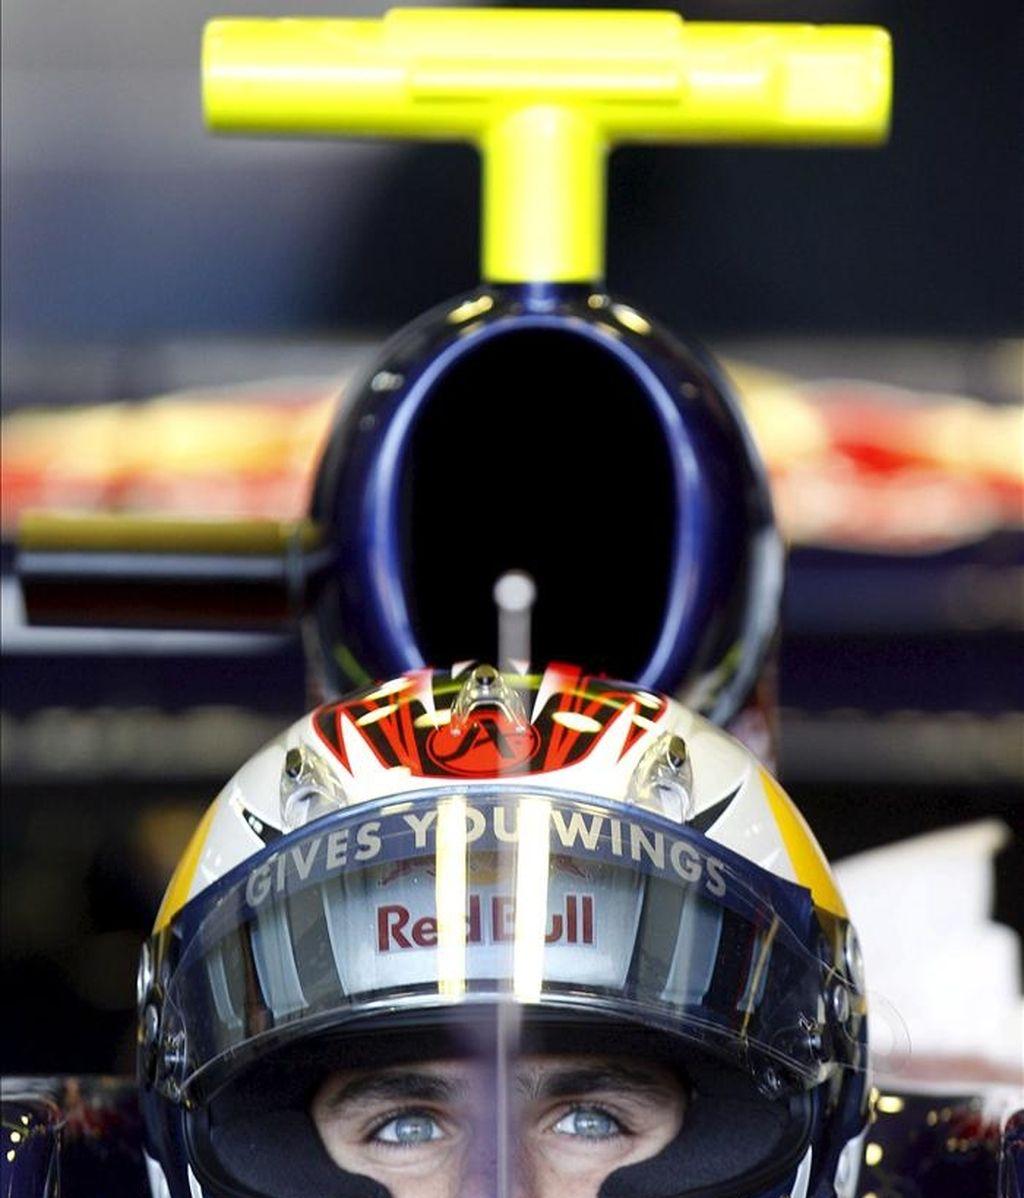 El piloto español de Toro Rosso, Jaime Alguersuari, espera en el box, durante la primera jornada de entrenamientos de pretemporada del Mundial de Fórmula Uno 2011, hoy en el circuito Ricardo Tormo de Cheste (Valencia). EFE